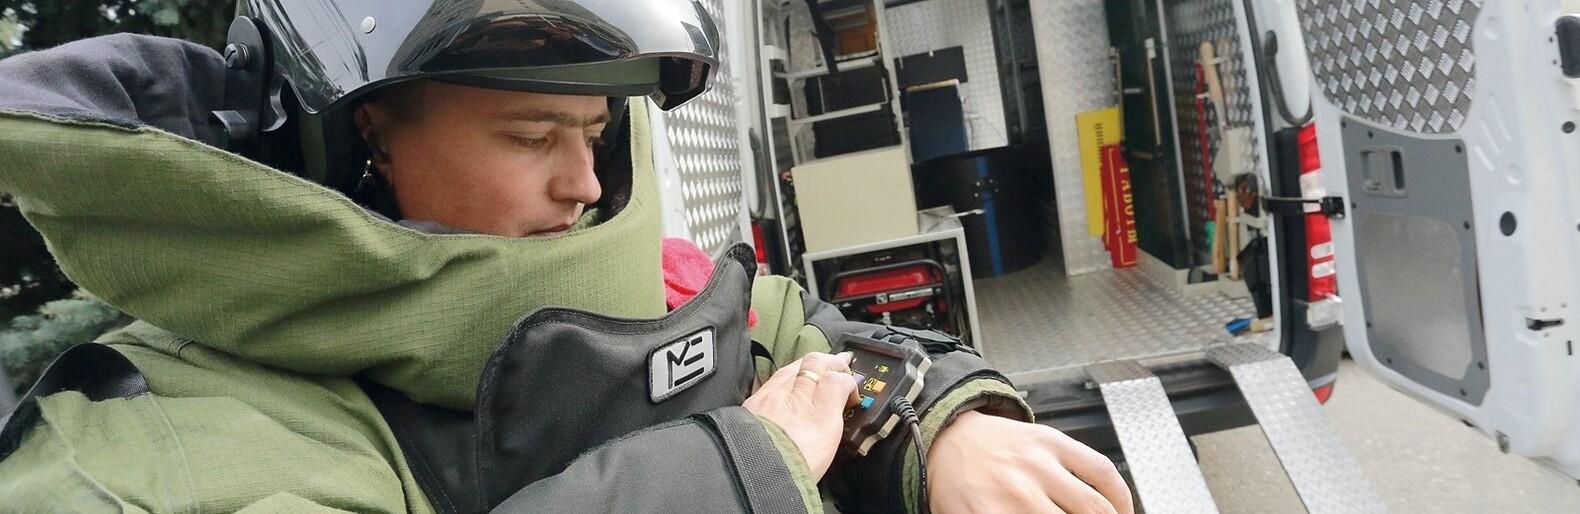 Полиция проверяет информацию о минировании одного из участков ТИК в...0